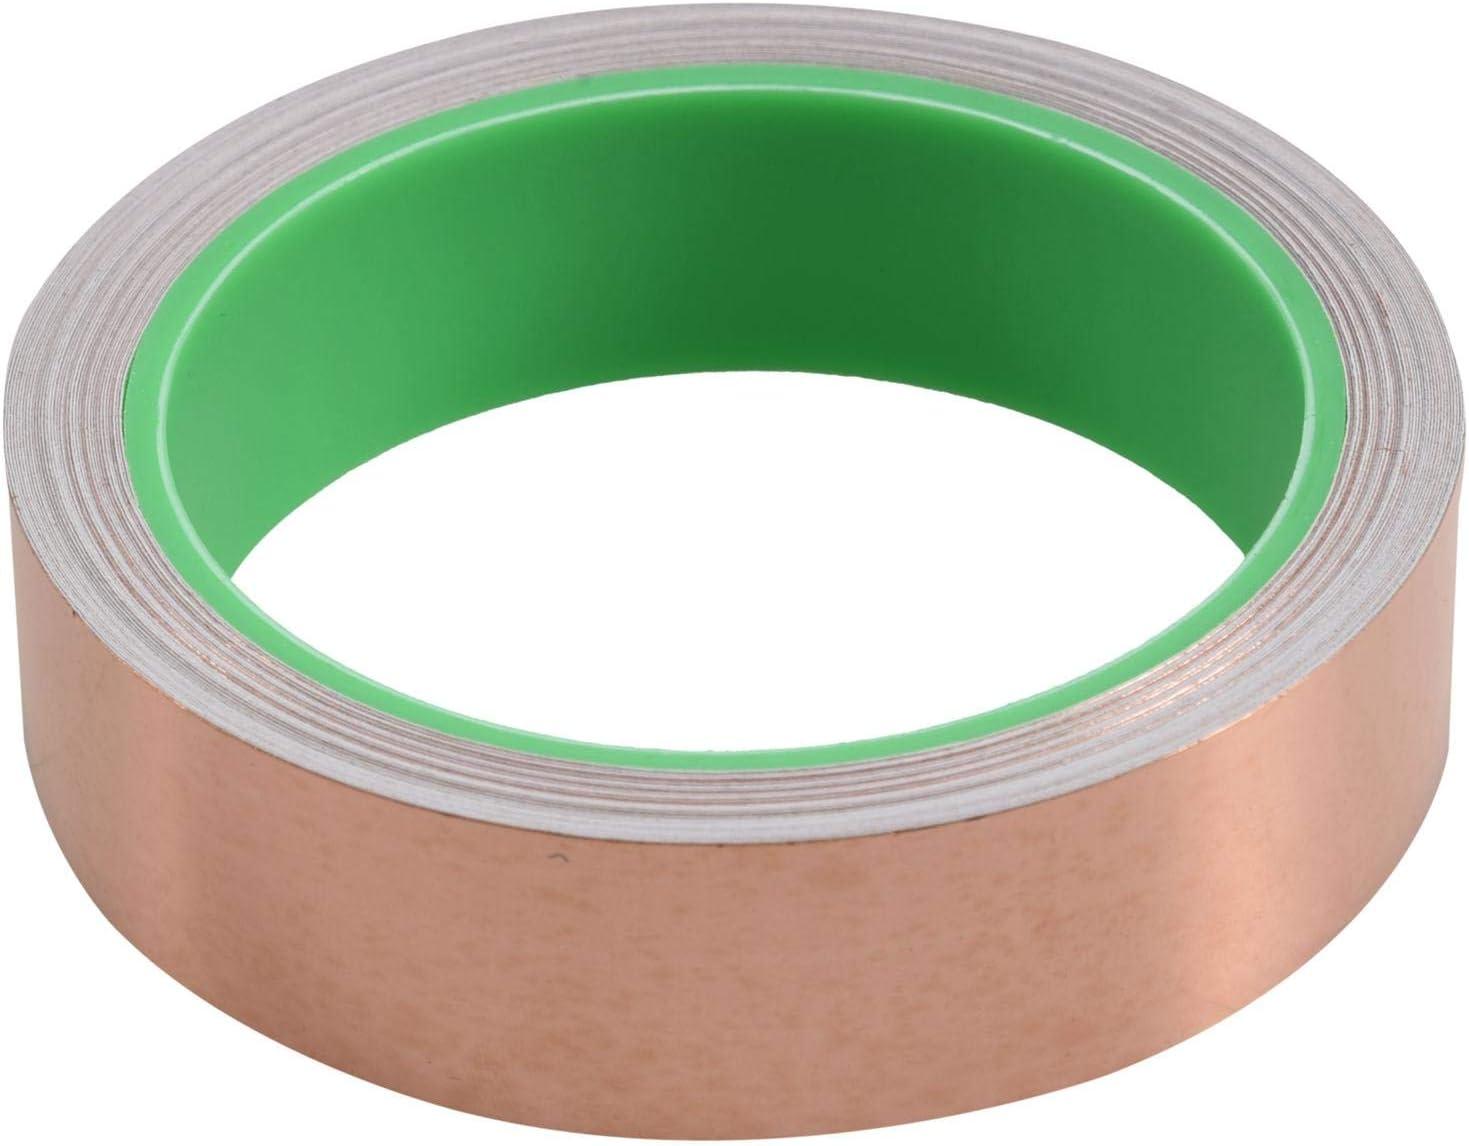 Blindage EMI Vitrail R/éParations /éLectriques - Antitartre Travaux Manuels 25 Mm X 11 M Circuits En Papier WOVELOT Copper Ruban Adh/éSif En Aluminium Avec Adh/éSif Conducteur